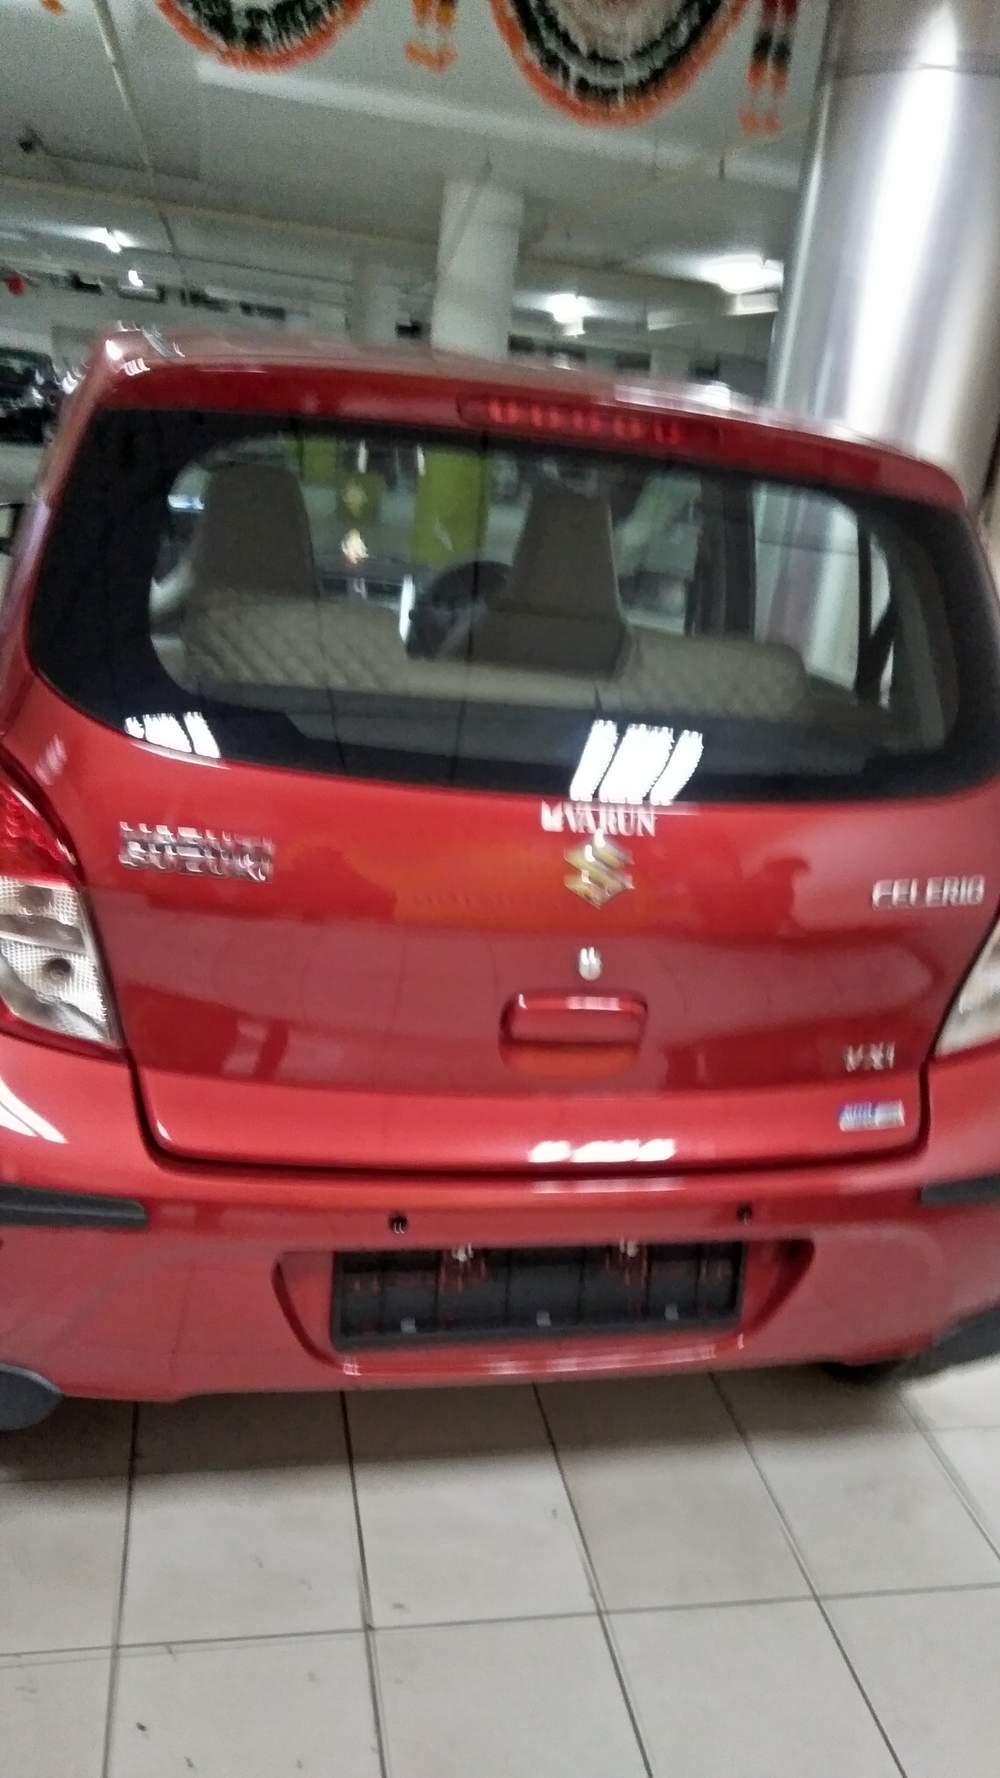 Maruti Suzuki Celerio Front Left Rim